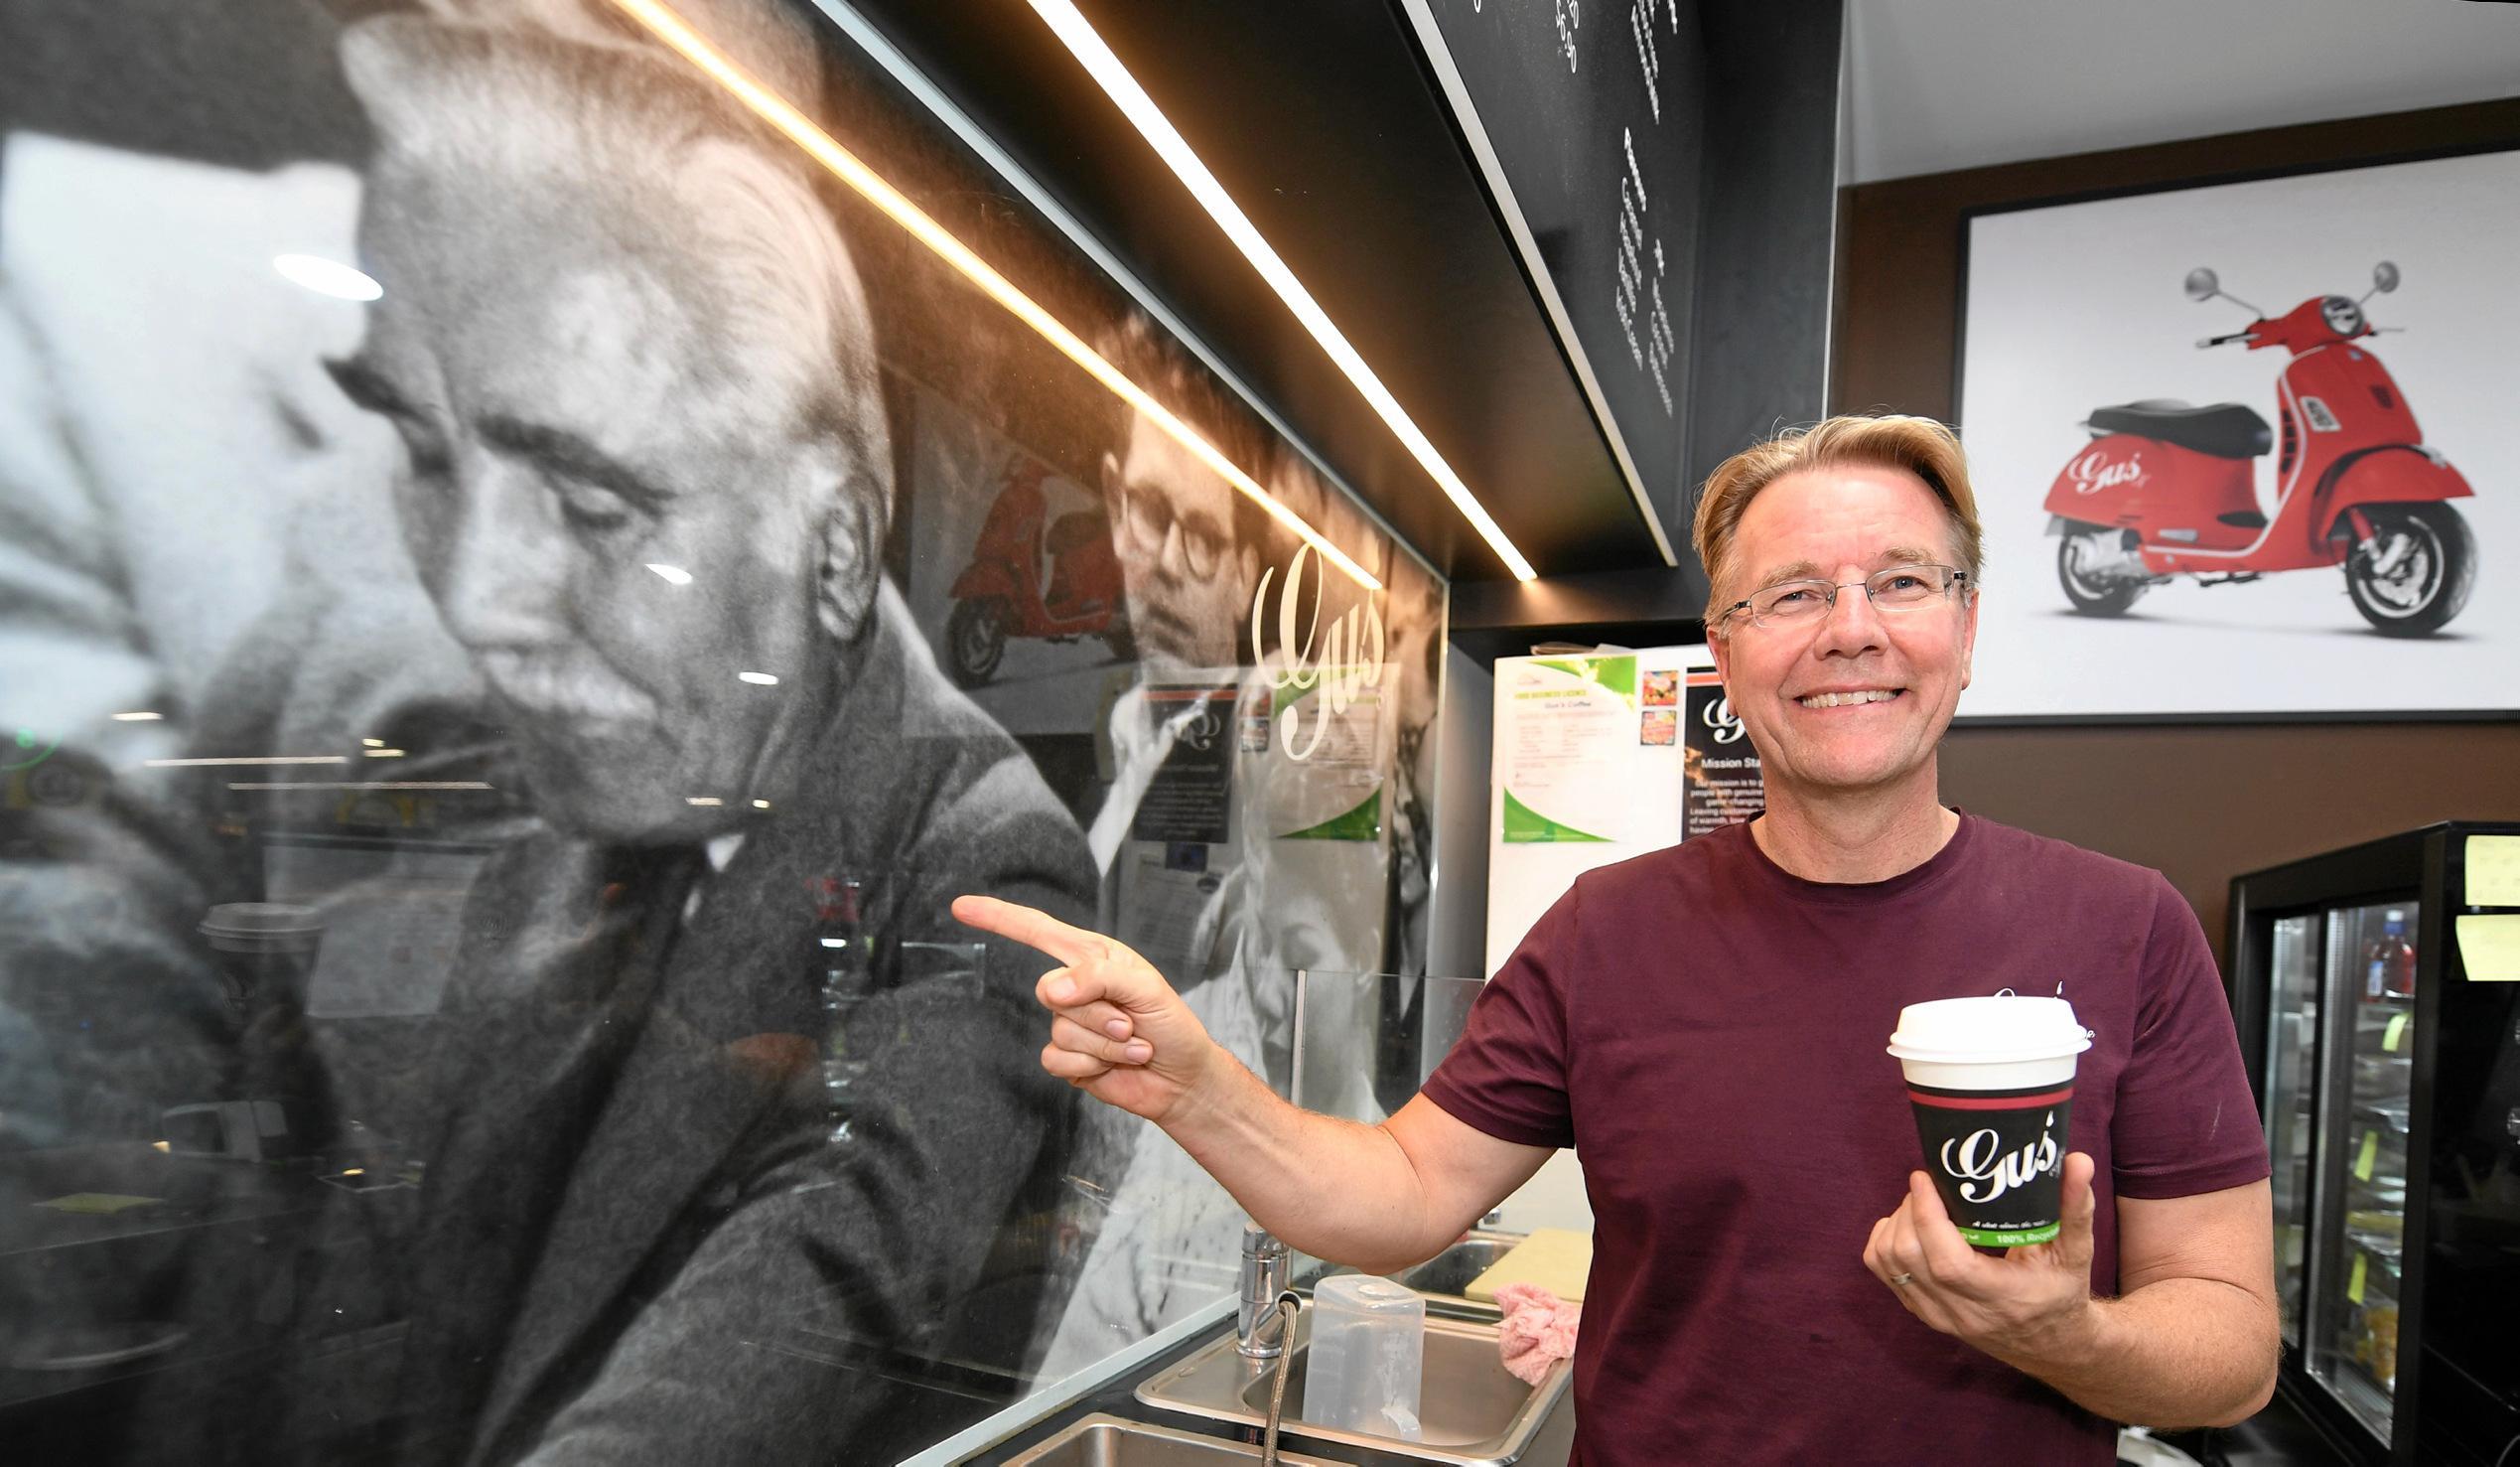 Gus' Coffee owner Gus Korda.